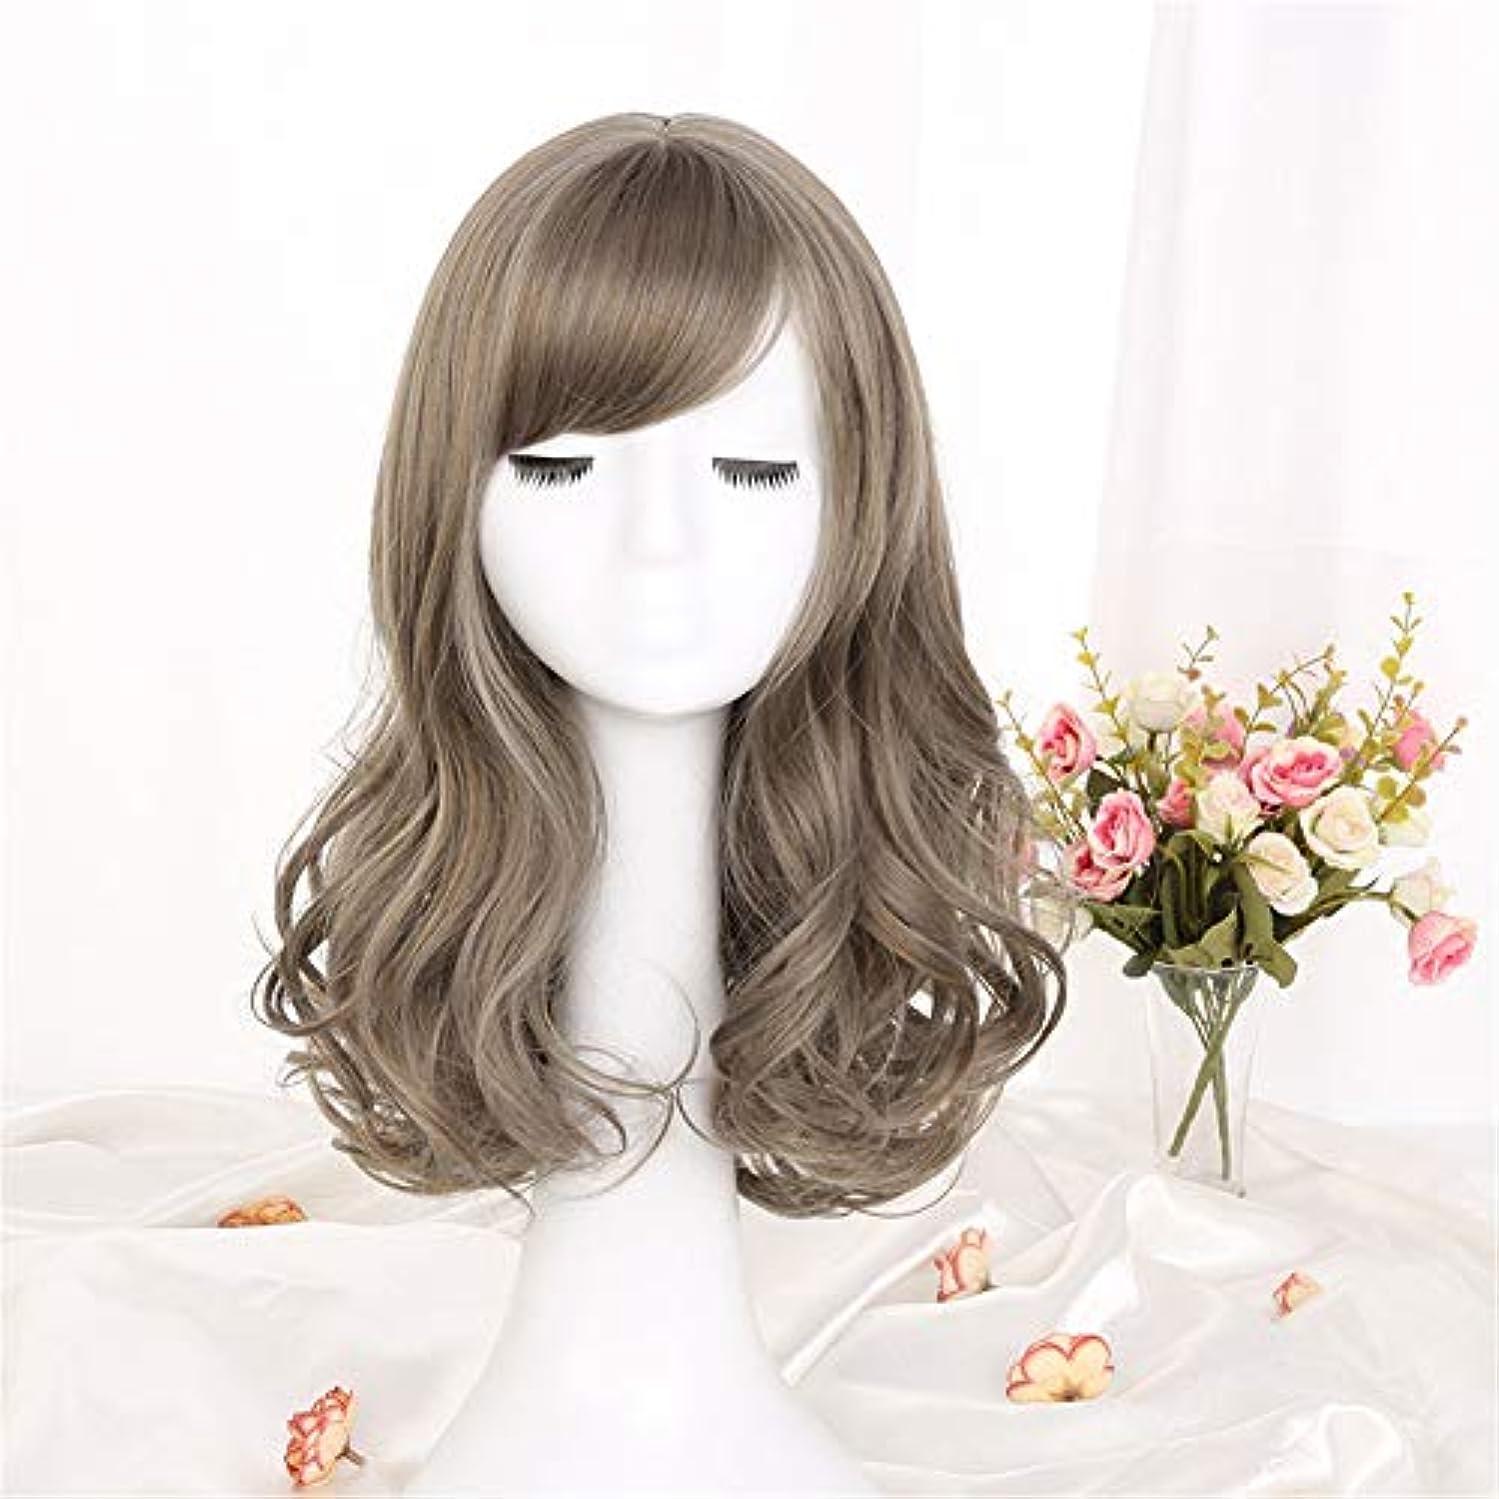 リスナー庭園事件、出来事ウィッグ髪化学繊維フードミディアム長波高温合成繊維ウィッグ女性用ウィッググリーンウッドリネンアッシュ42cm